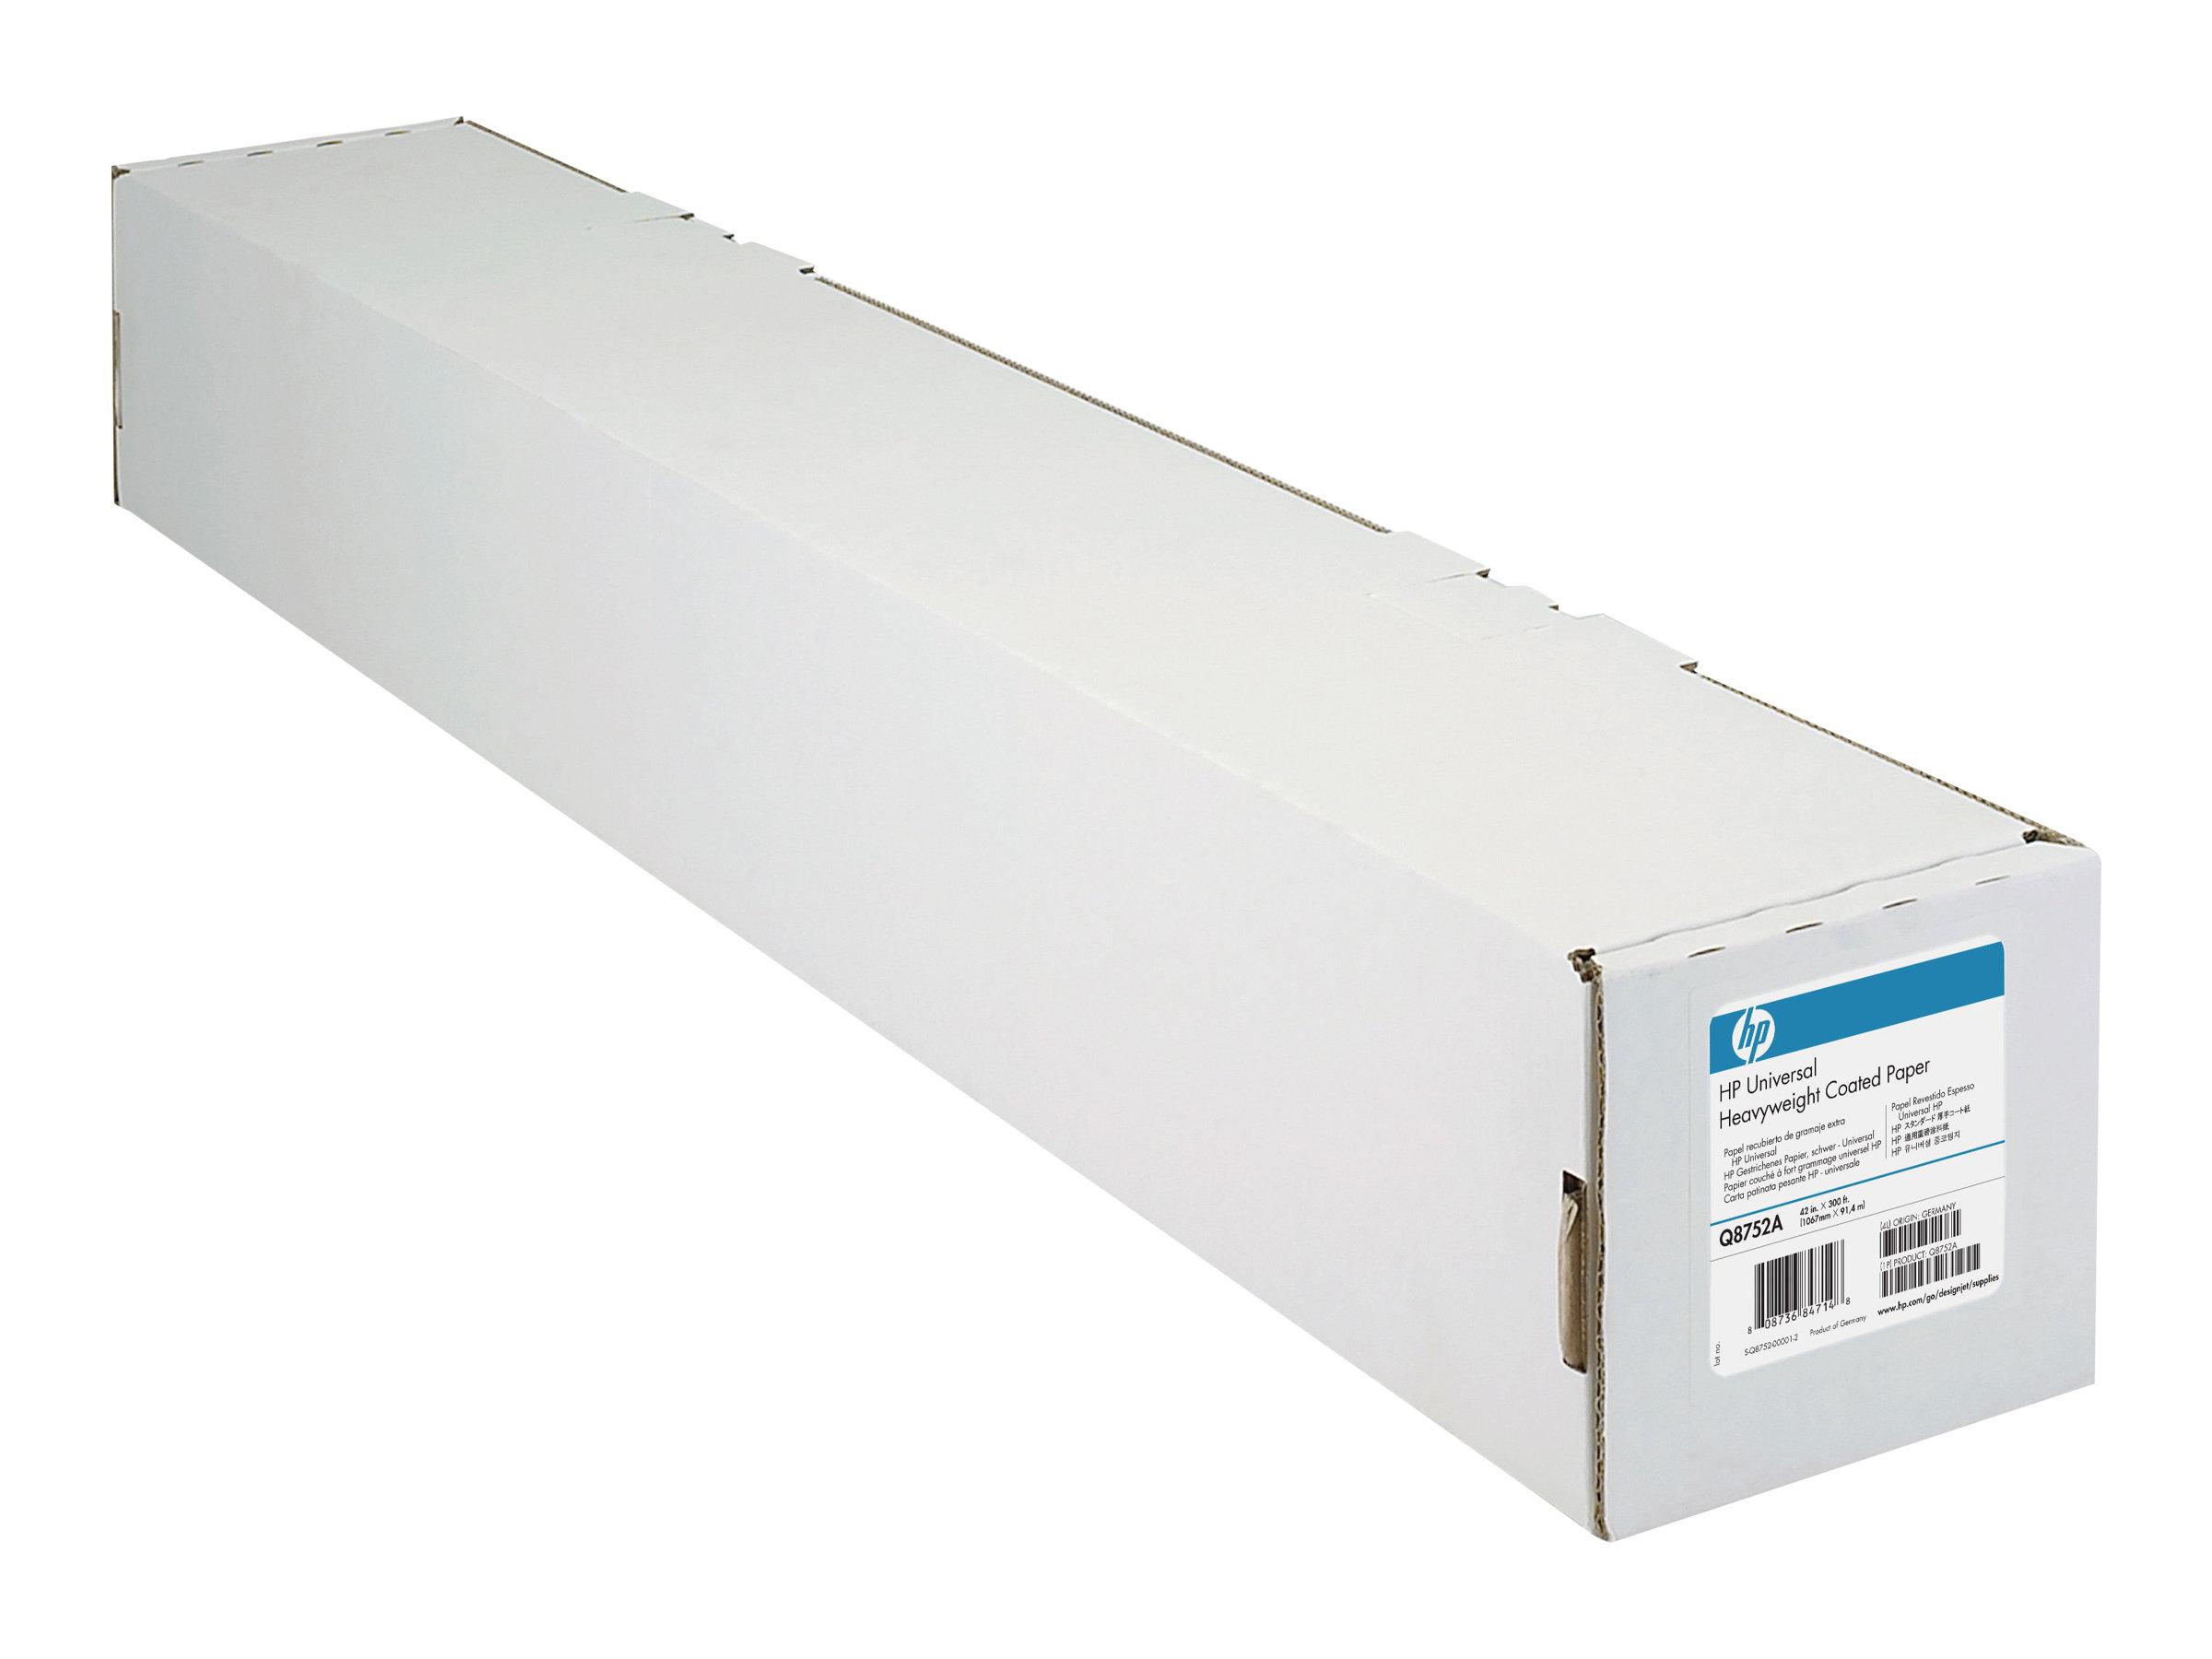 HP Beschichtet - Rolle (84,1 cm x 45,7 m) 1 Rolle(n) Papier